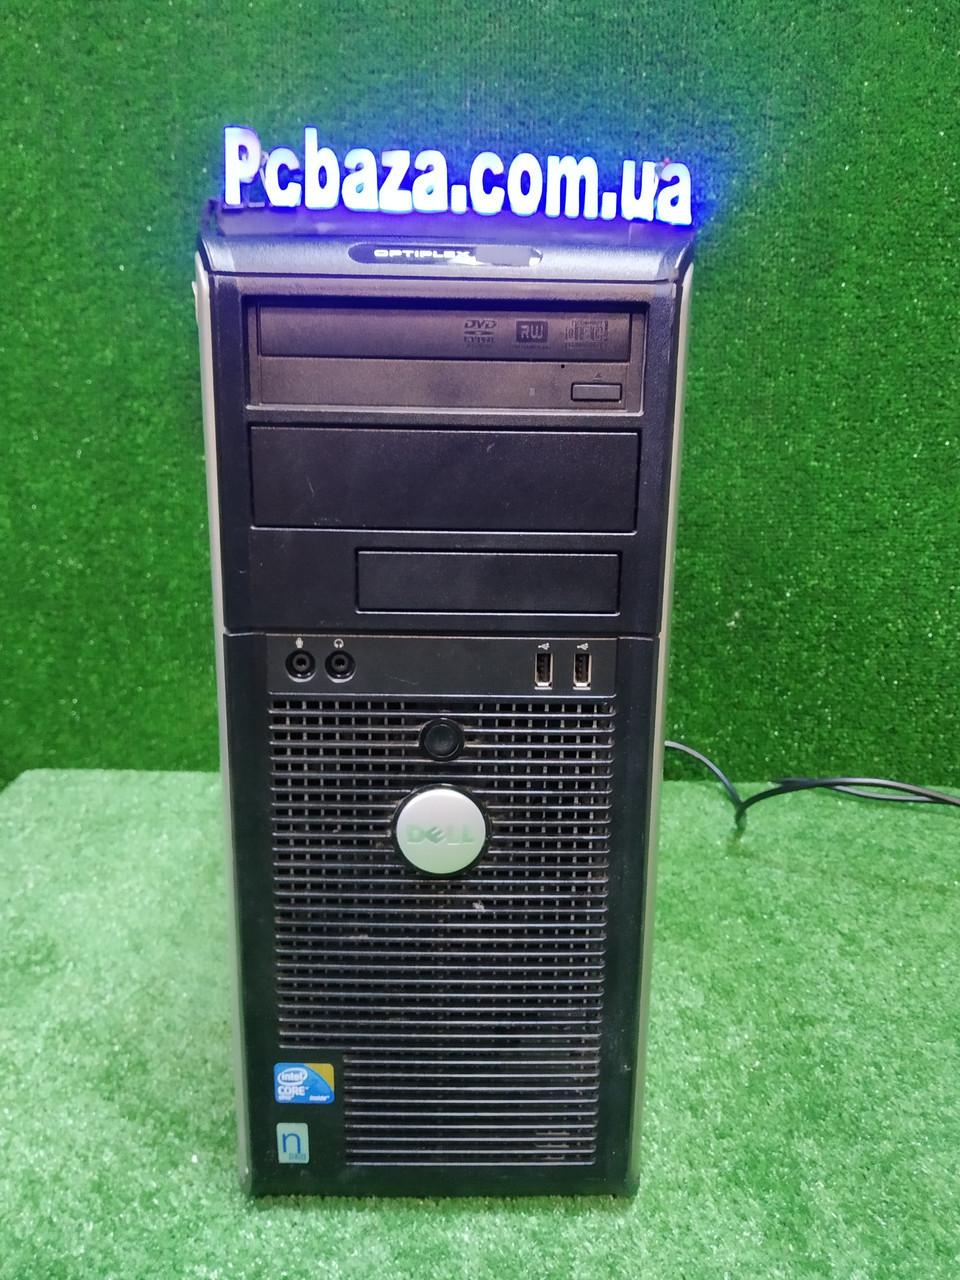 Компьютер Dell, Intel 4 ядра, 8 ГБ, 160 ГБ Настроен! Опт! Гарантия!